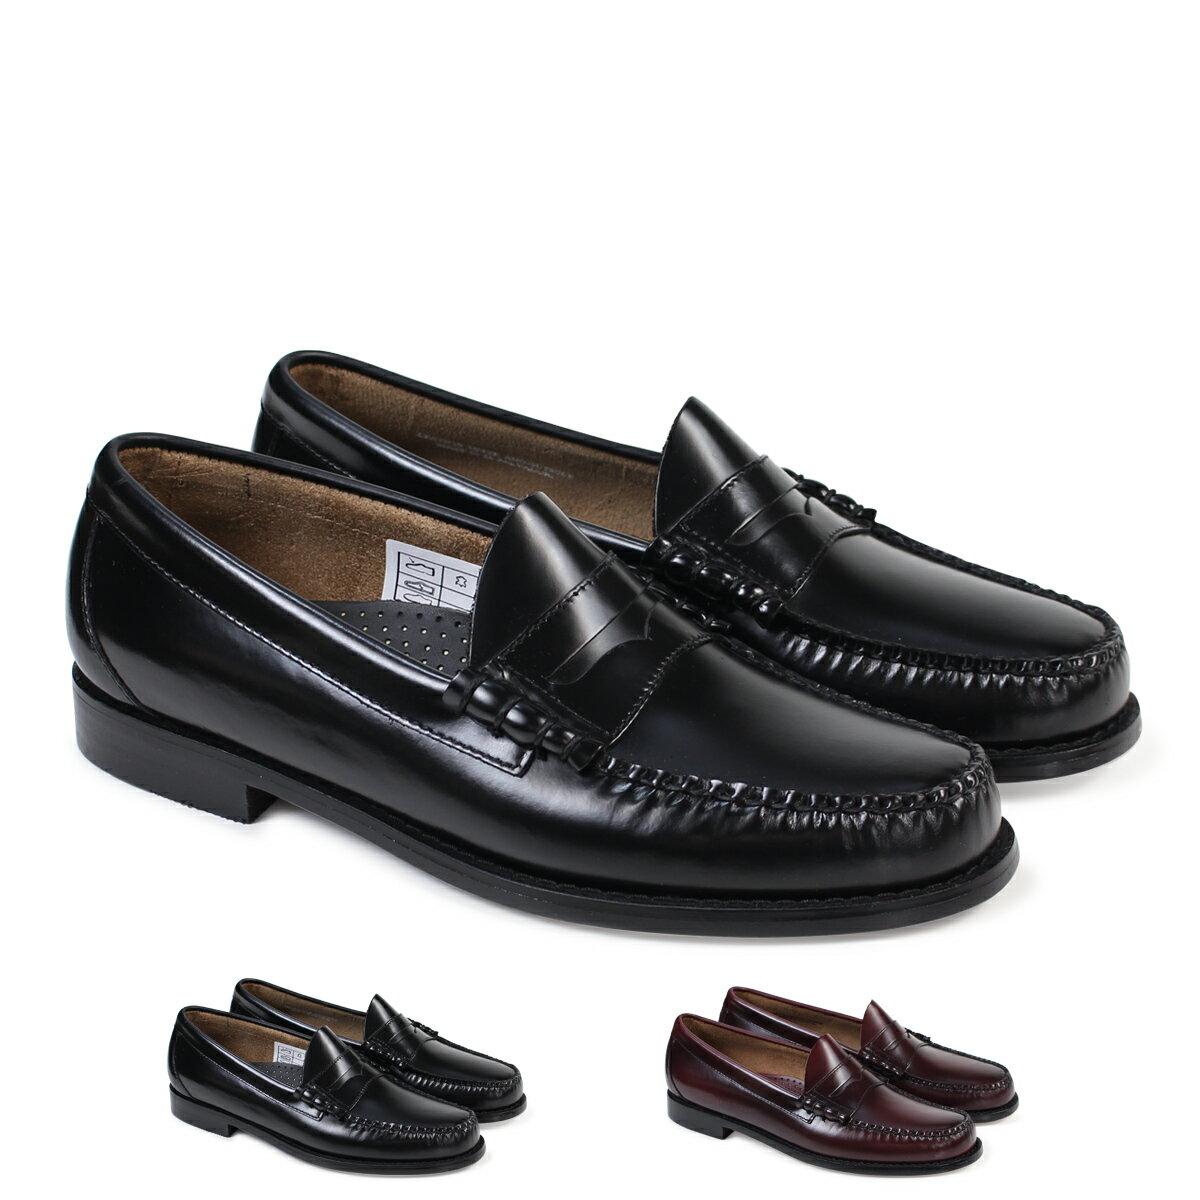 G.H. BASS LARSON 70-10914 70-10919 ジーエイチバス ローファー メンズ 靴 2カラー